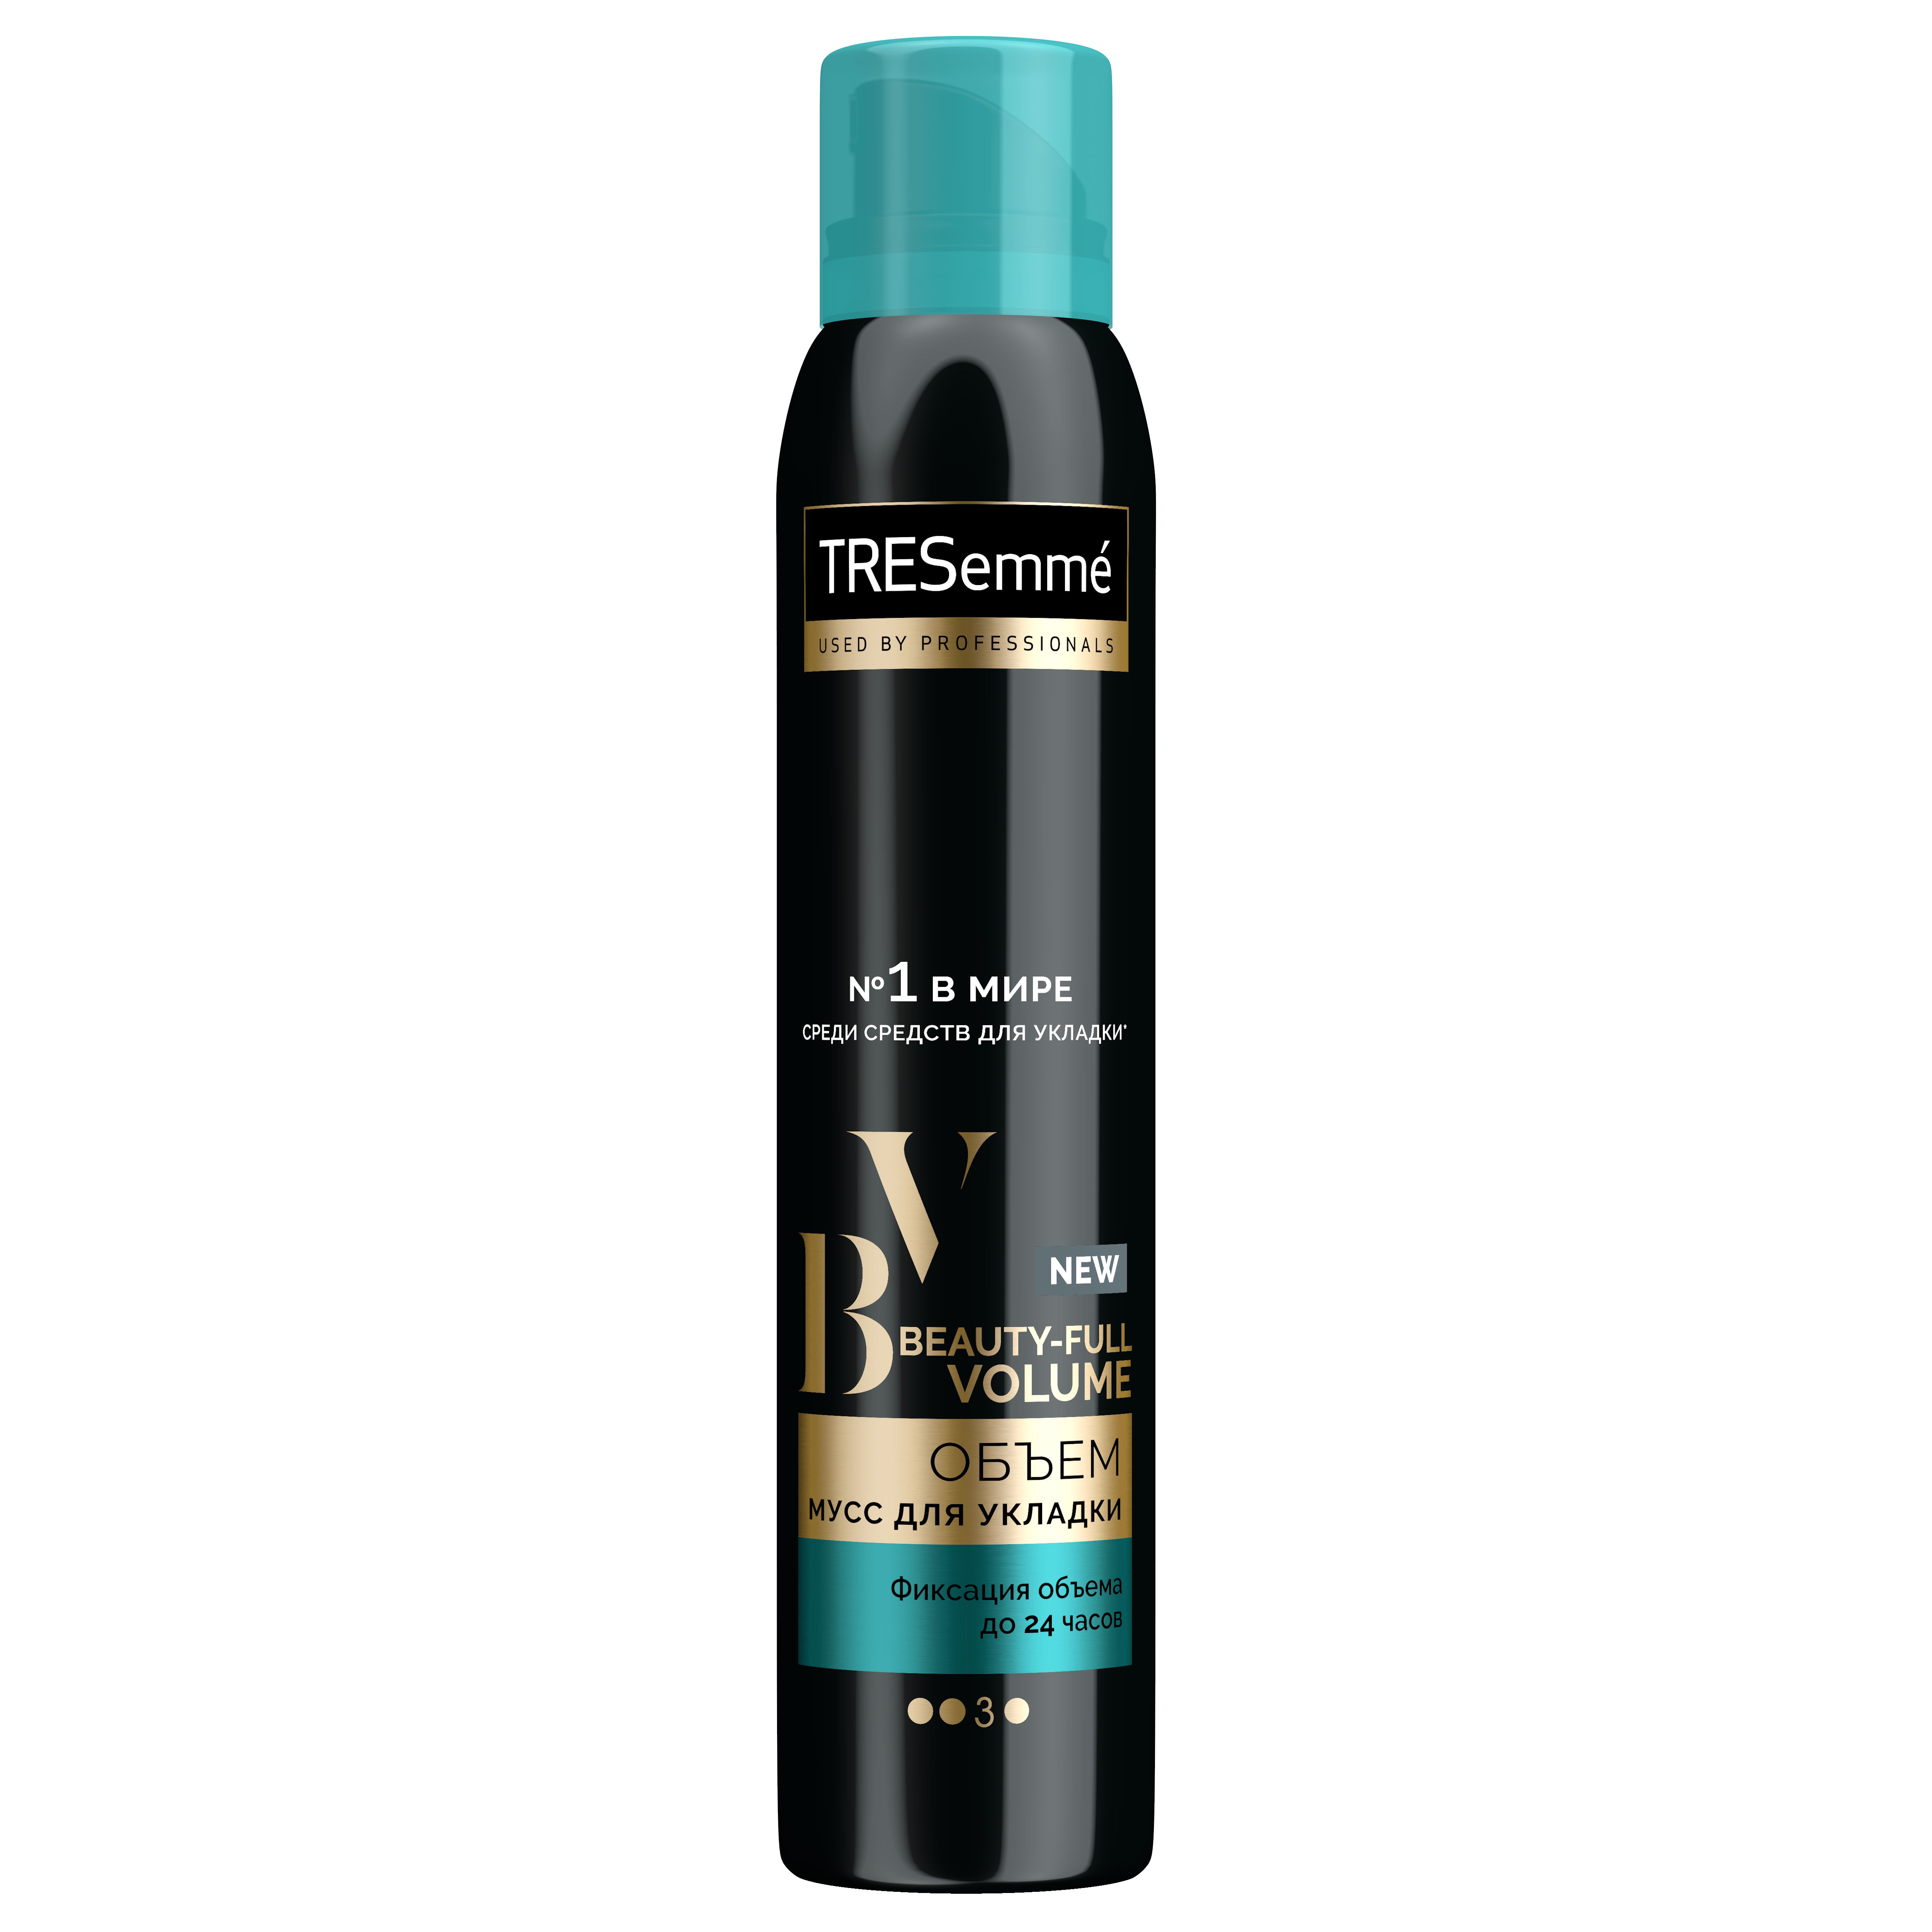 Купить Мусс для укладки волос TRESemme Beauty-full Volume Объем 200 мл